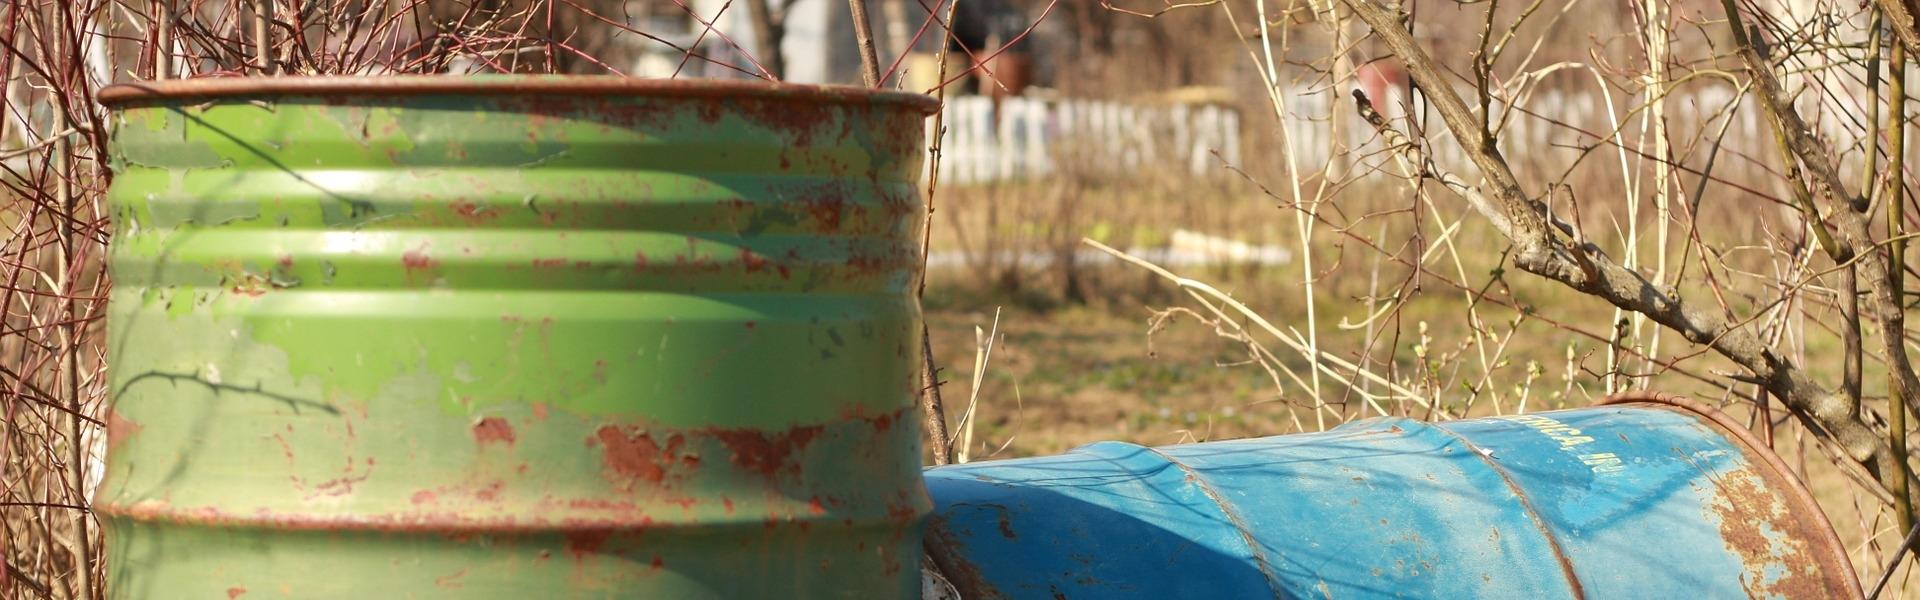 Roestige olievaten, foto Ivan Ilijas